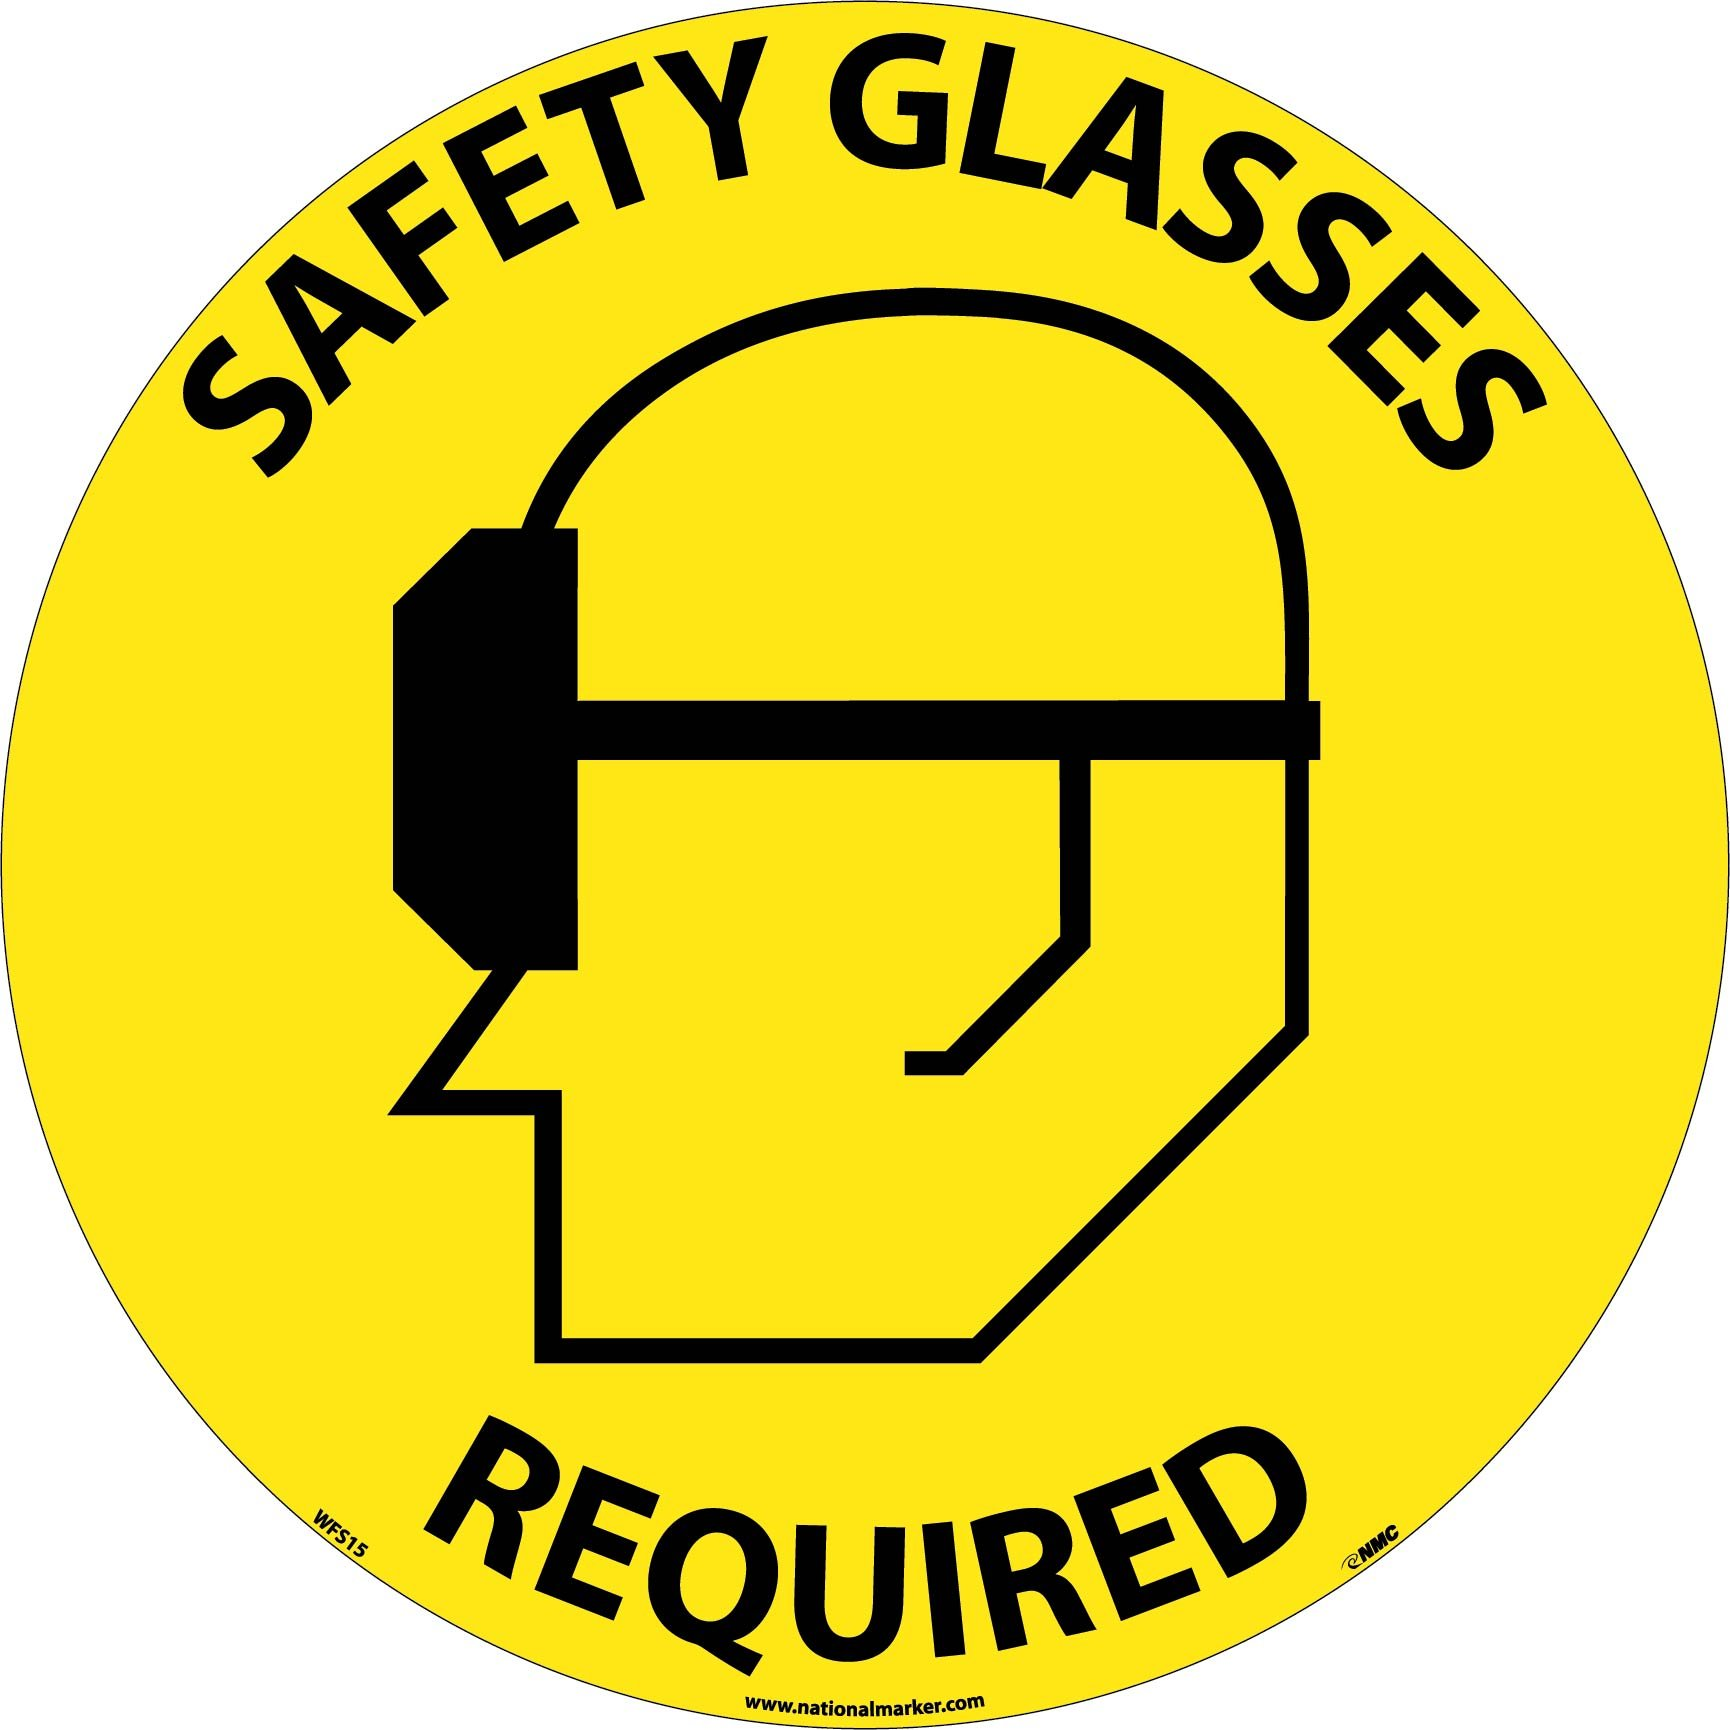 Free clipart safety symbols svg transparent download 6+ Safety Symbols Clip Art | ClipartLook svg transparent download